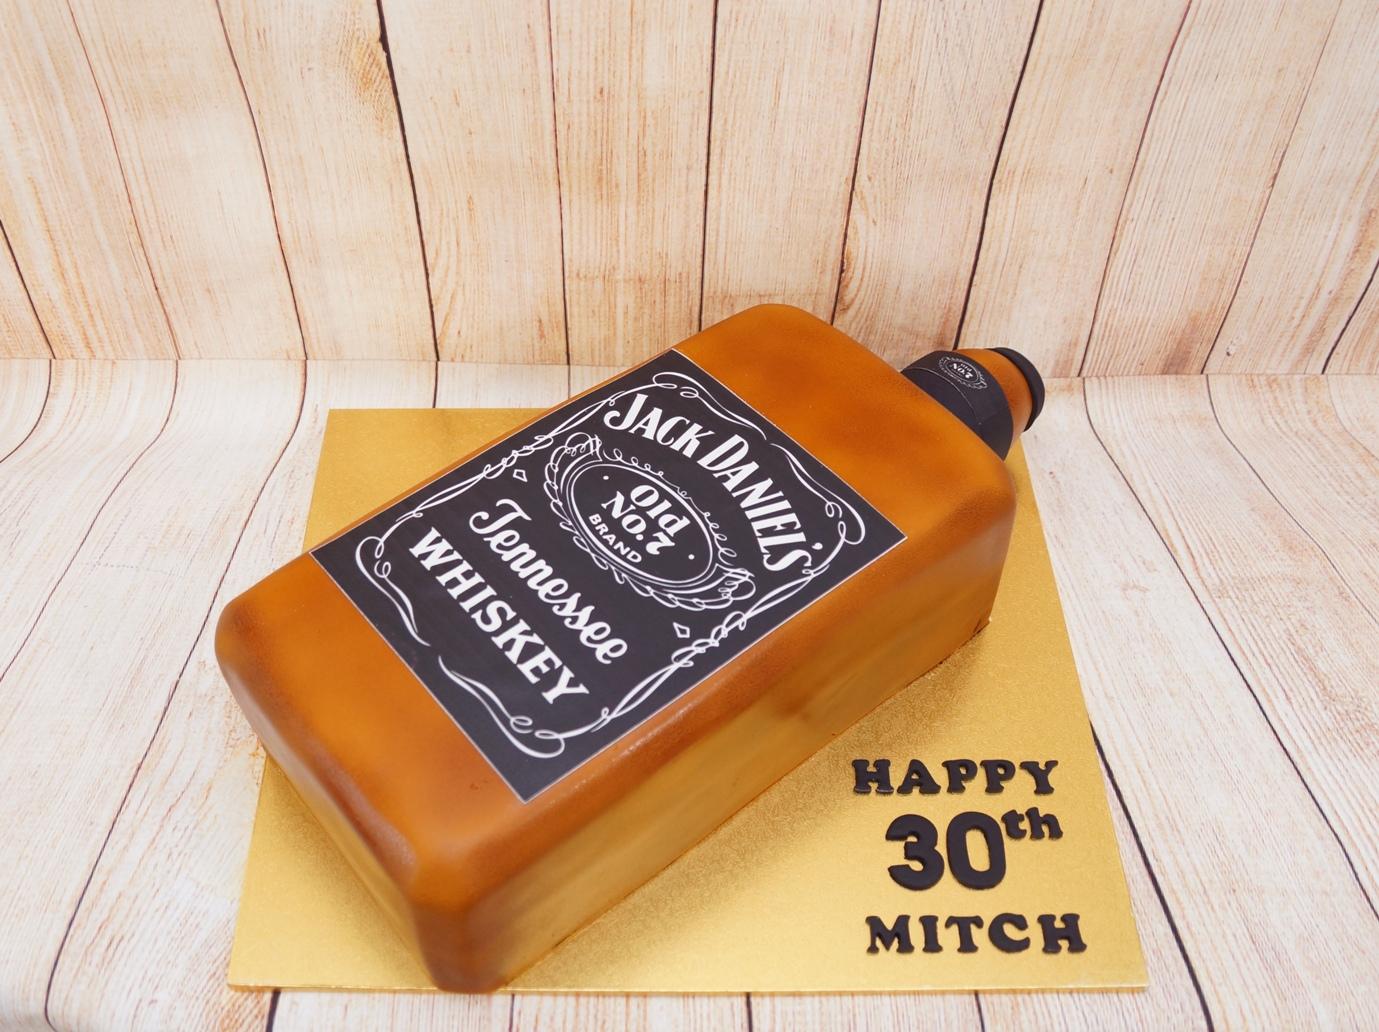 Jack Daniels Bottle 1